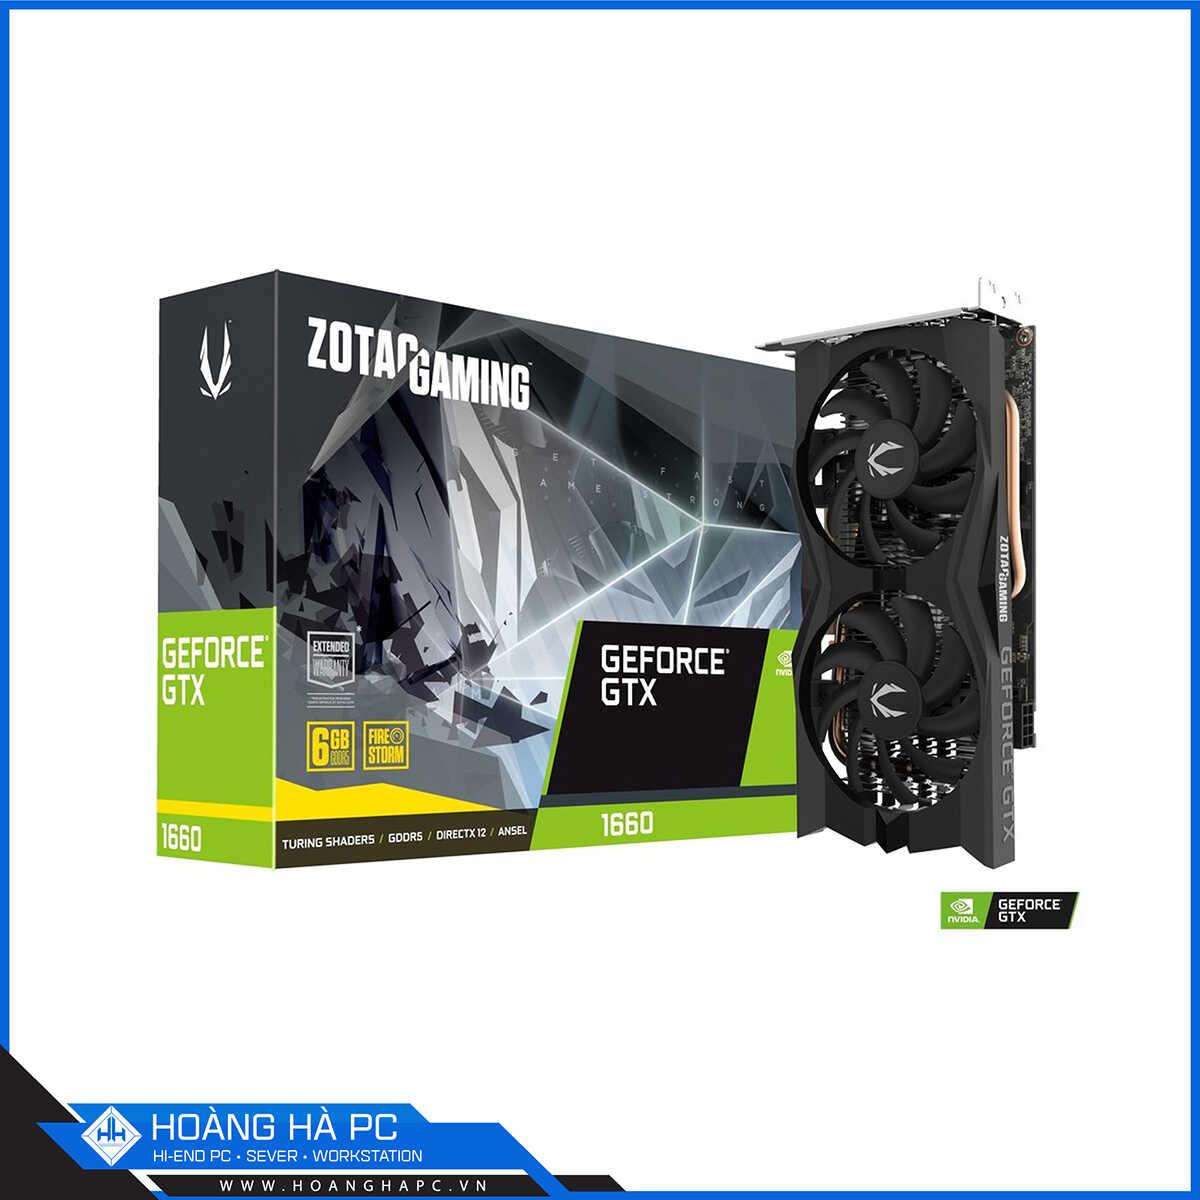 VGA Zotac Gaming GeForce GTX 1660 Twin Fan